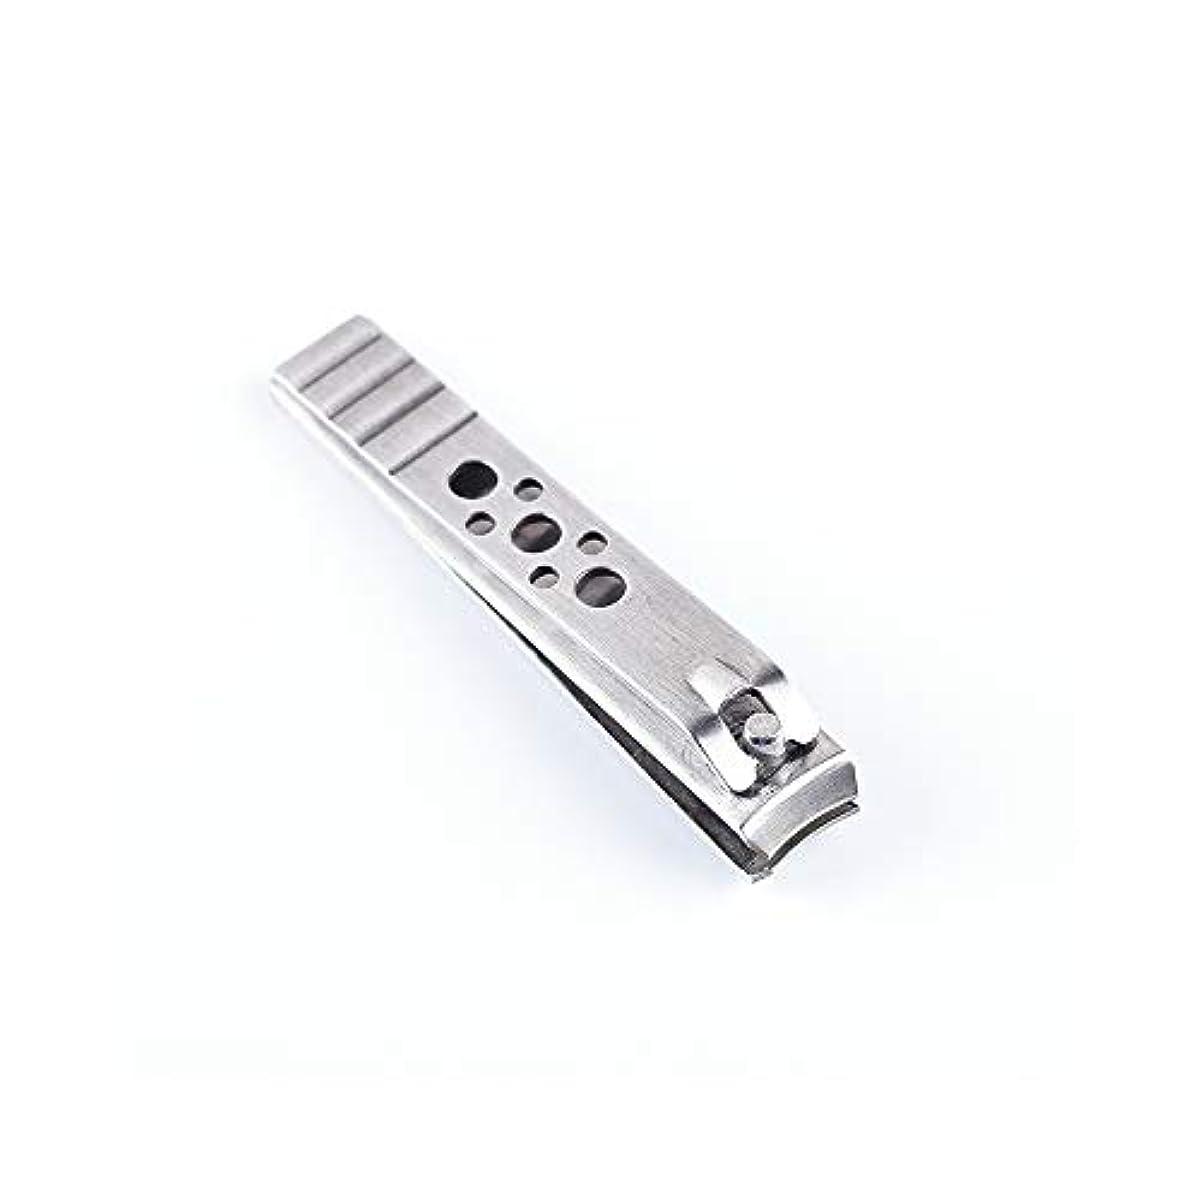 ディンカルビルマントセンチメンタル平らな口 爪切り 飛び散り防止爪切り 高級ステンレス鋼製 爪やすり、シルバー